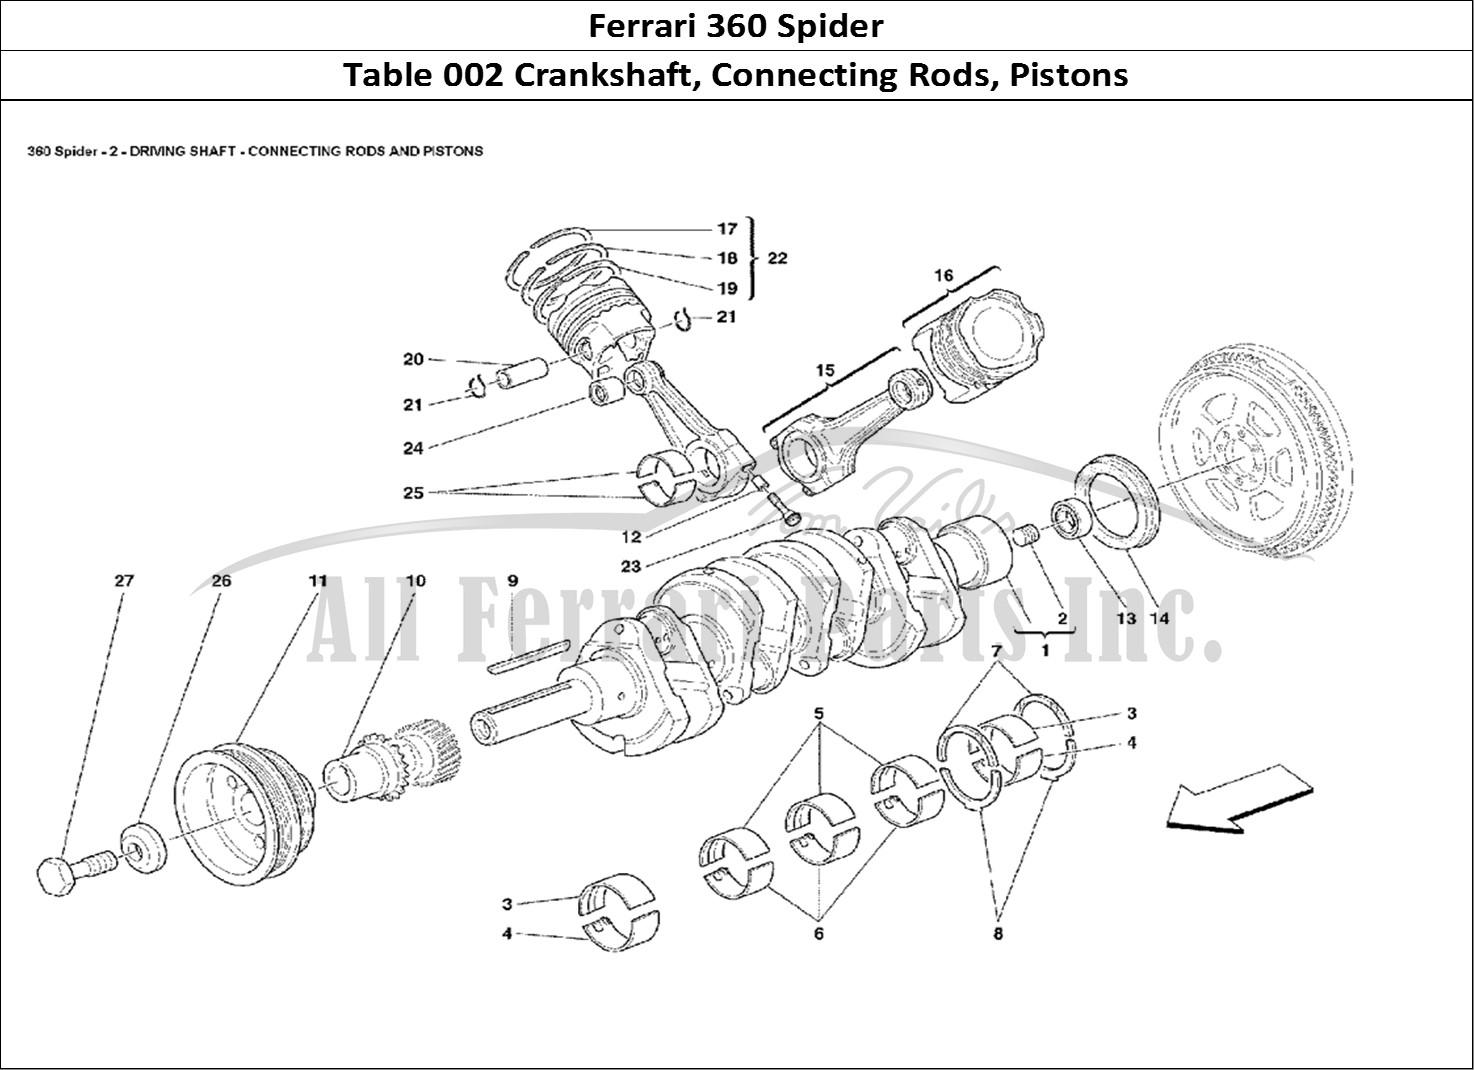 Buy Original Ferrari 360 Spider 002 Crankshaft Connecting Rods Pistons Ferrari Parts Spares